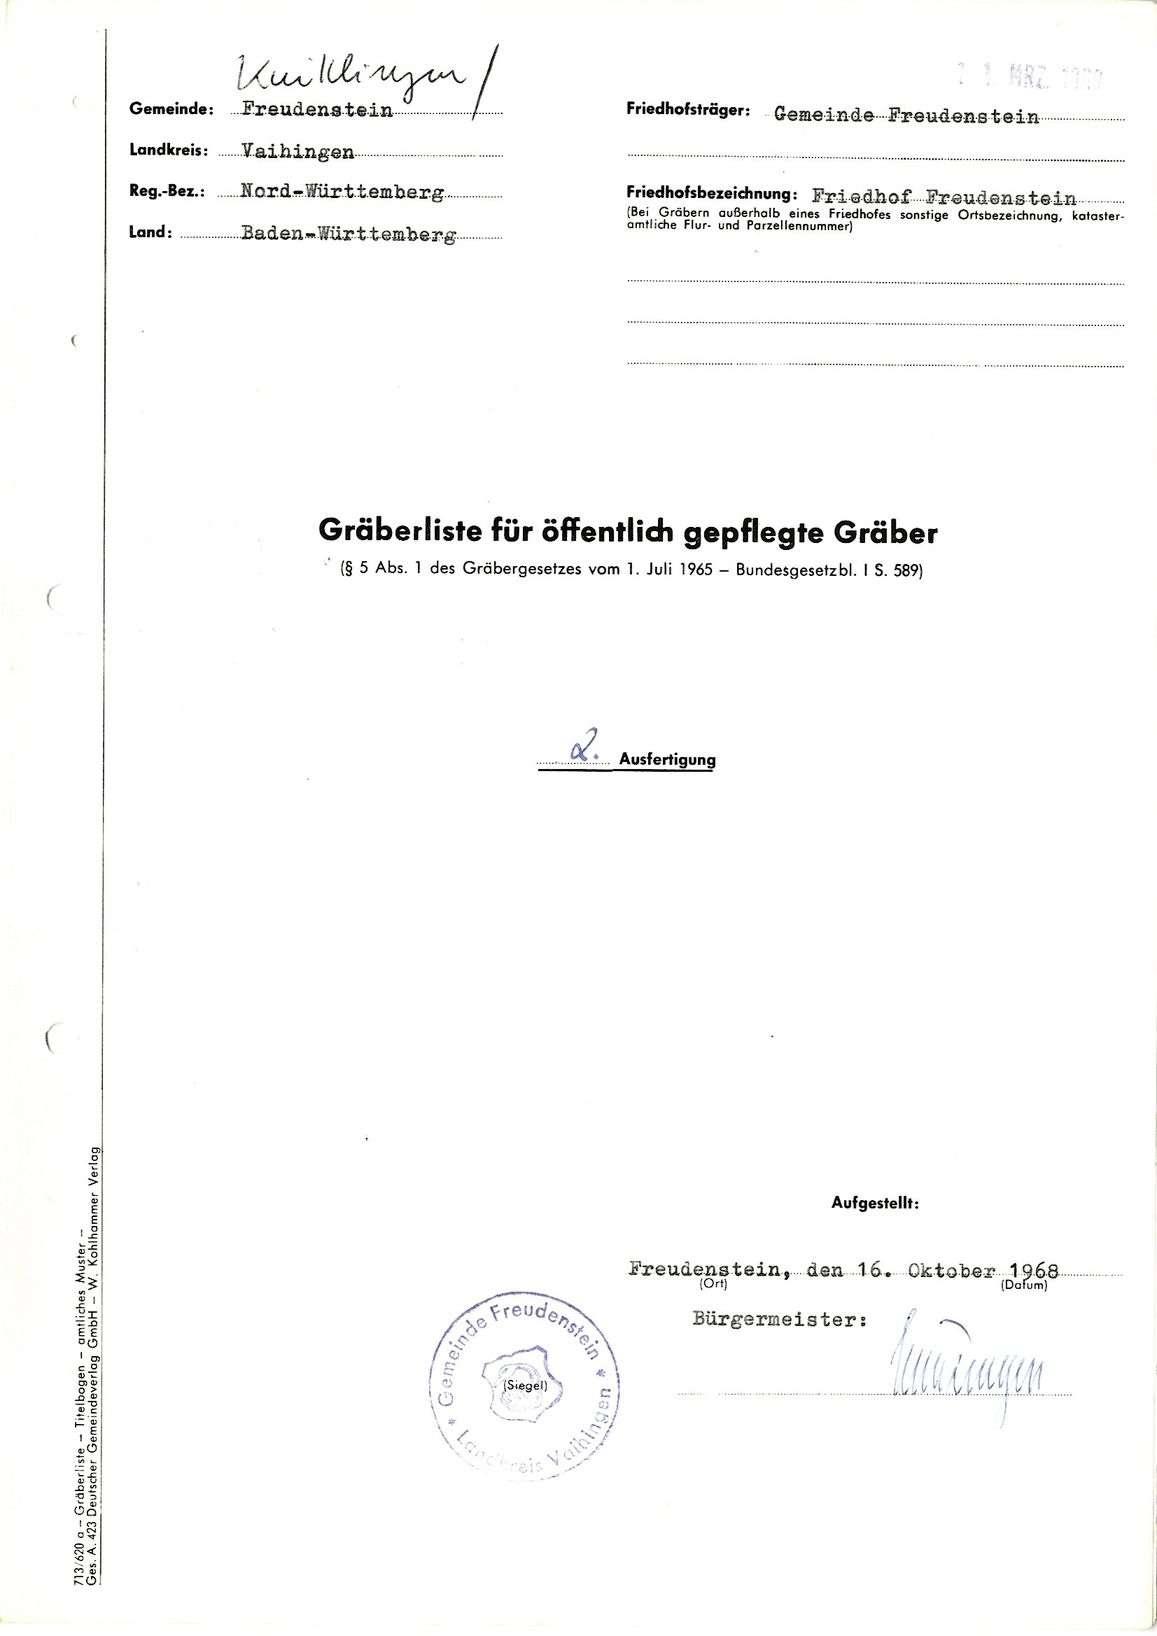 Freudenstein, Bild 1